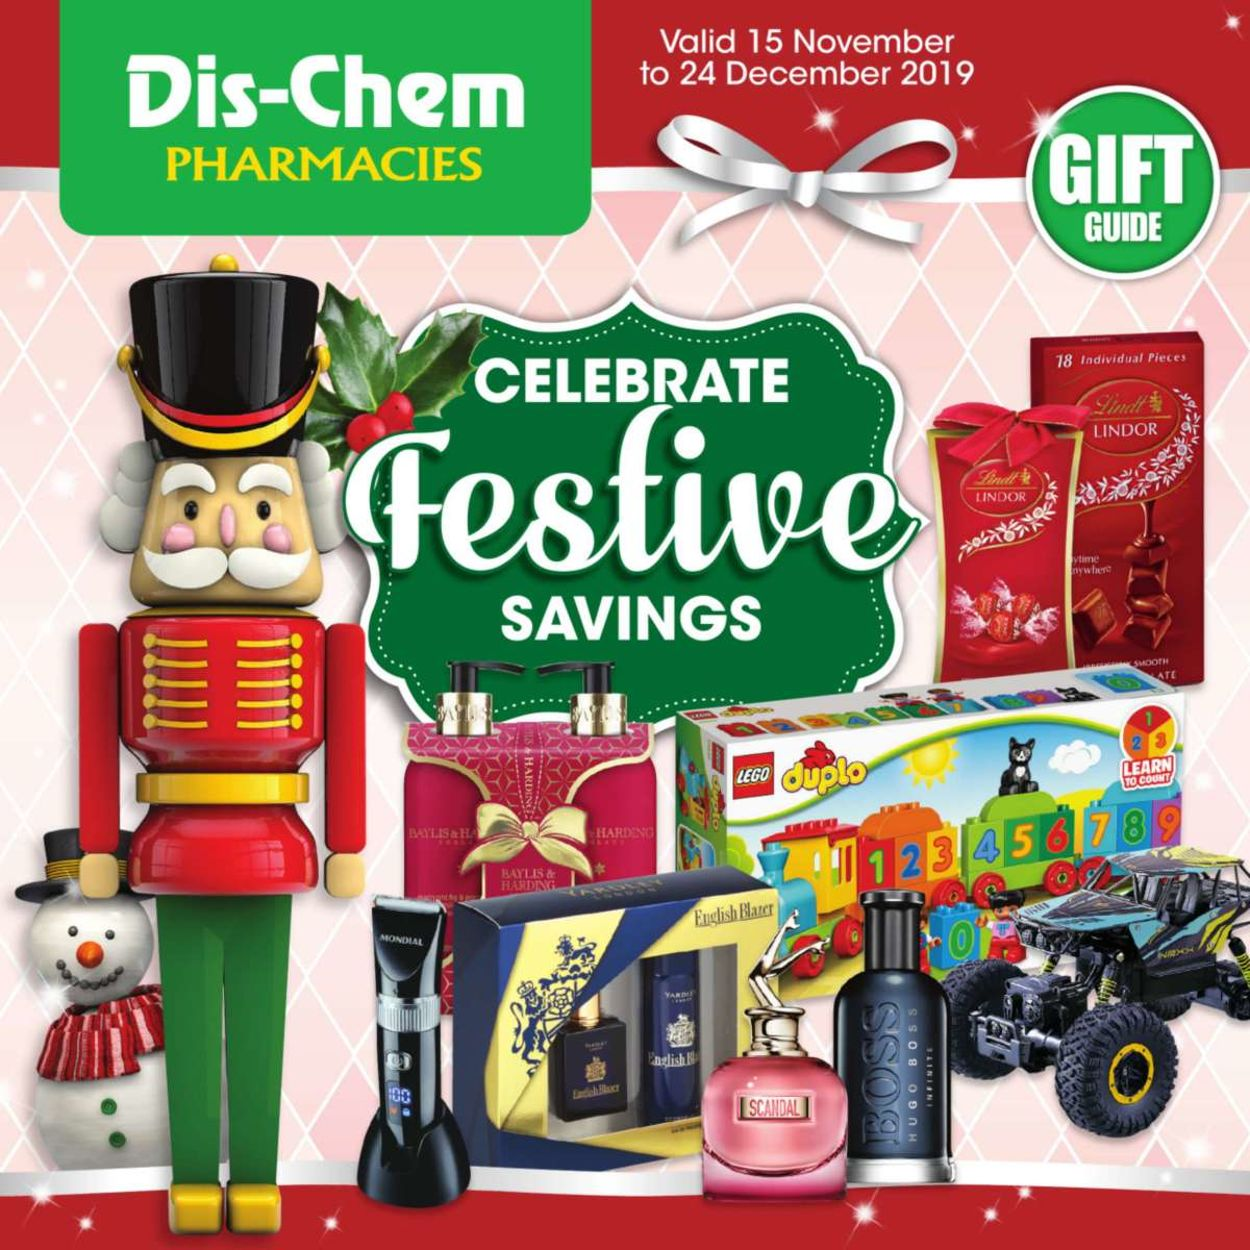 Dis-Chem Christmas Catalogue 2019 Catalogue - 2019/11/15-2019/12/24